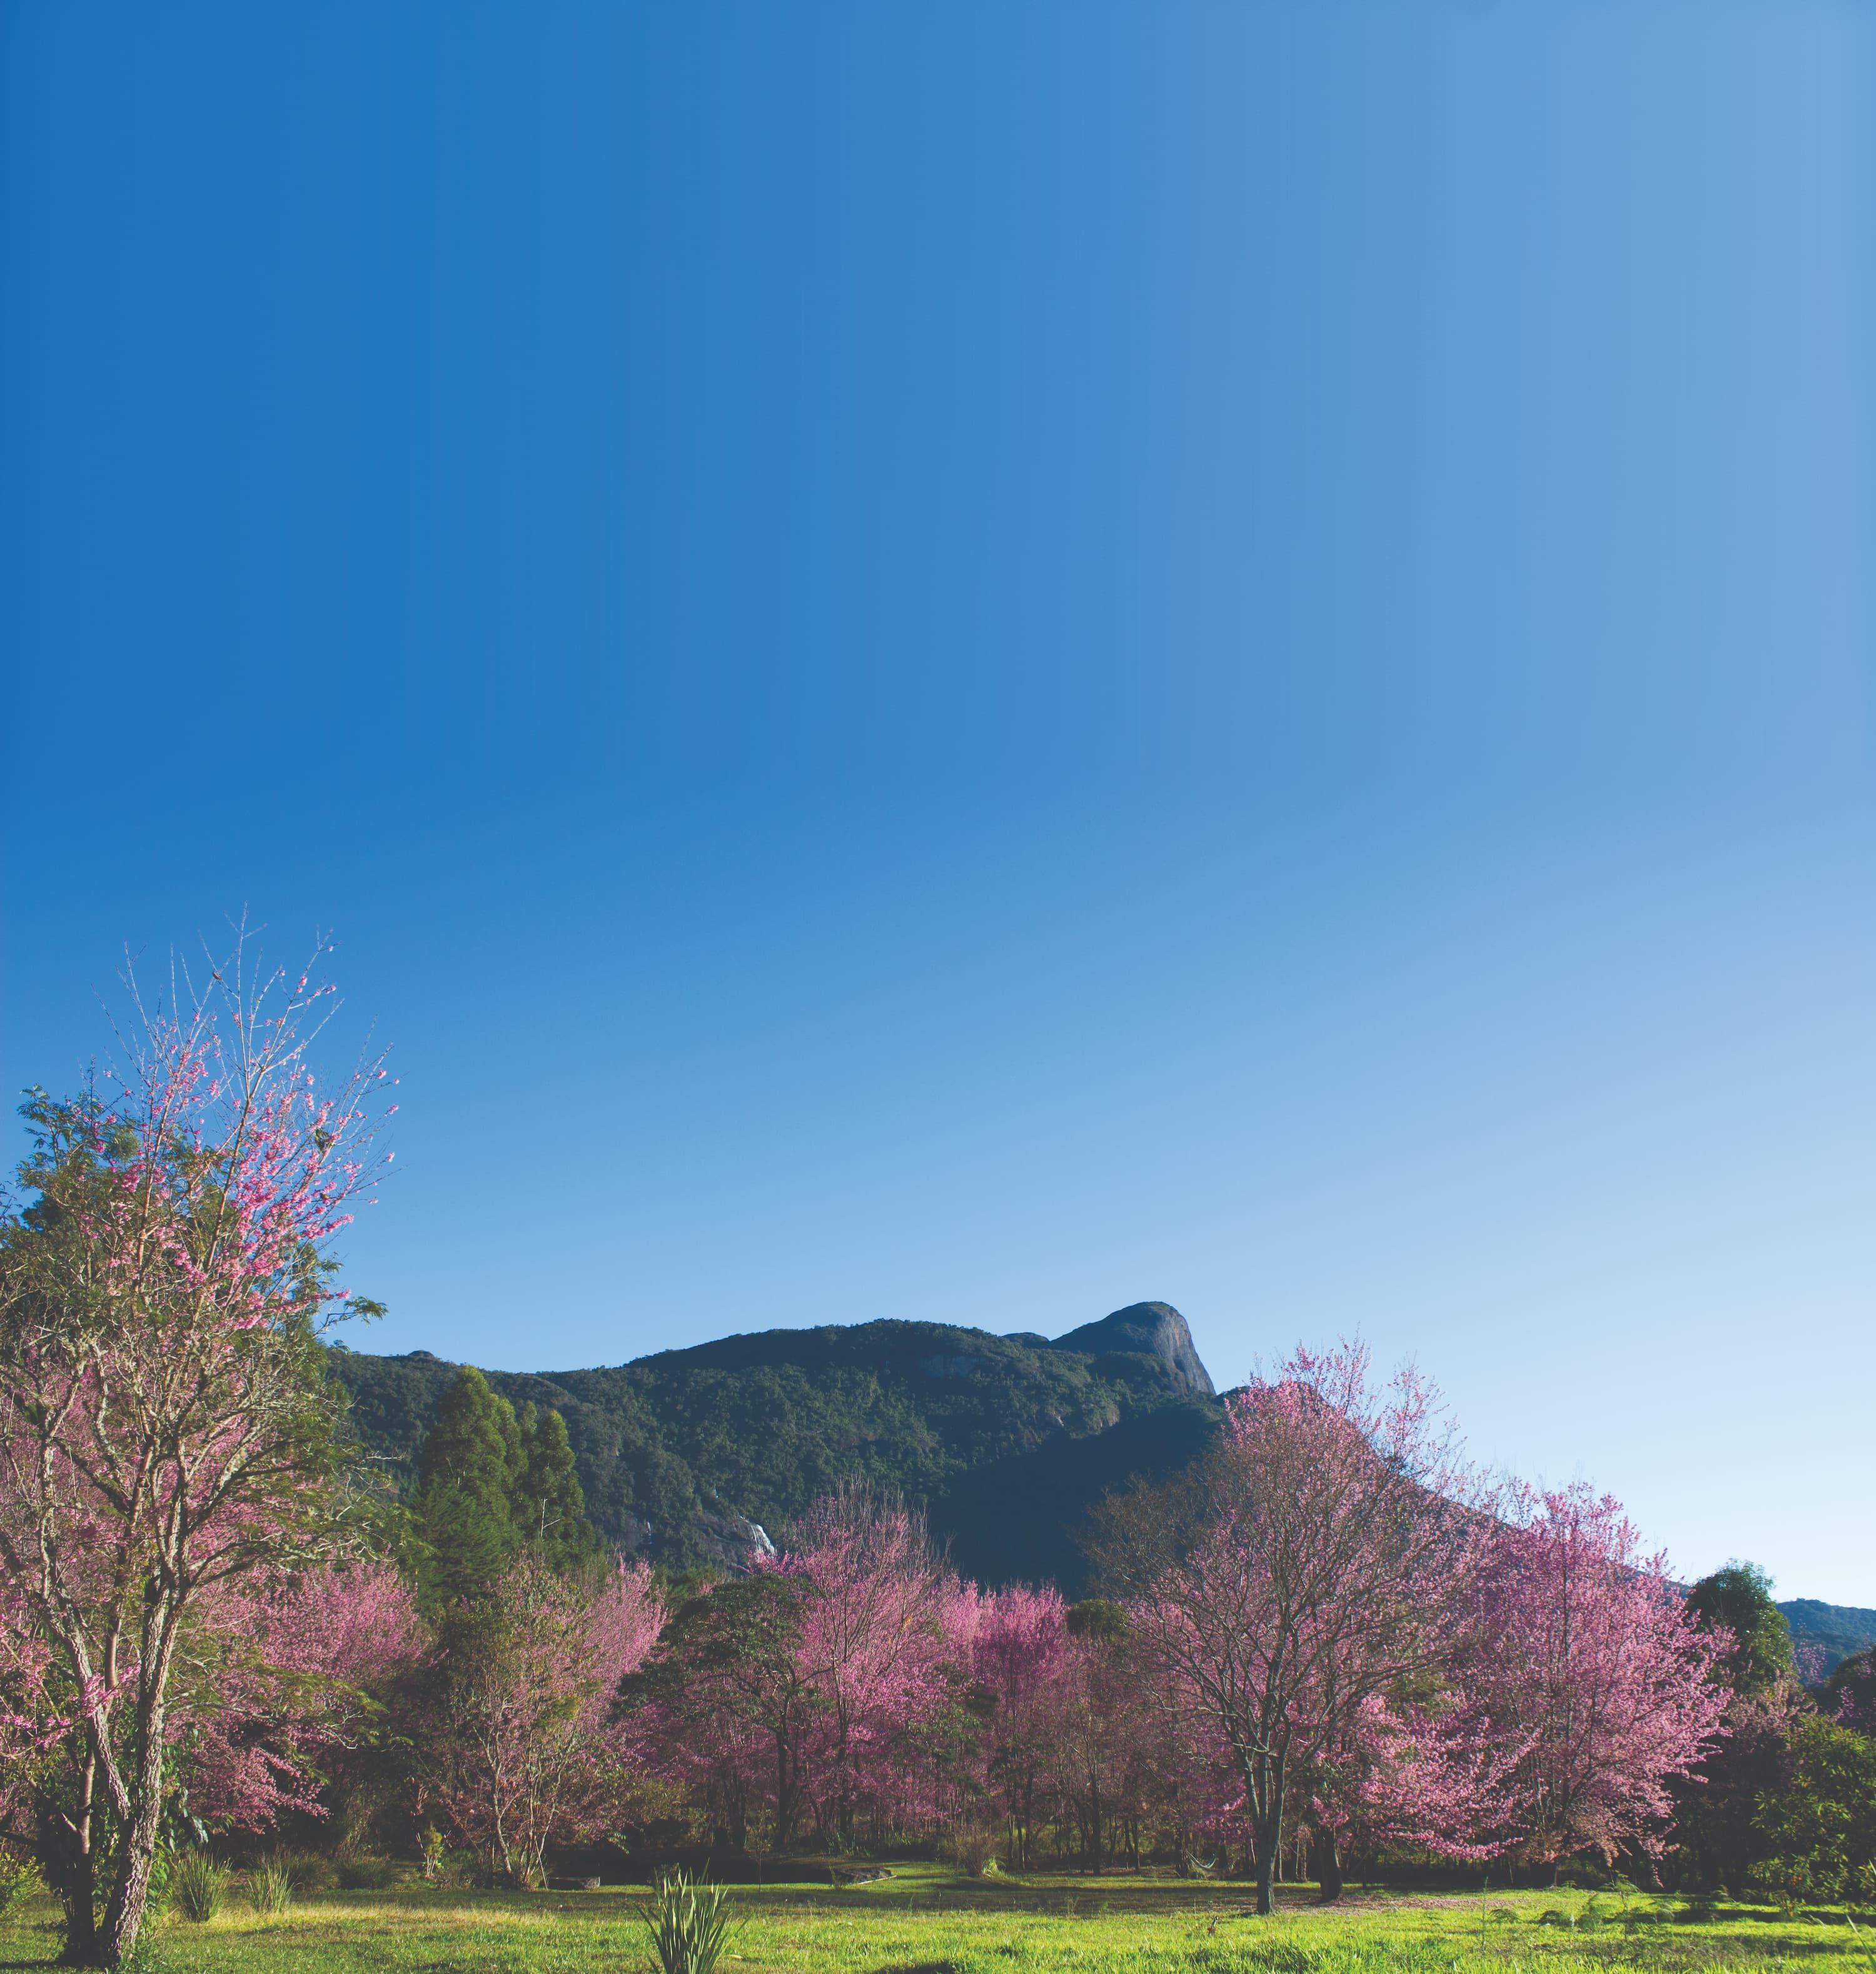 Estada no Matutu, em Minas Gerais, permite imersão profunda na natureza